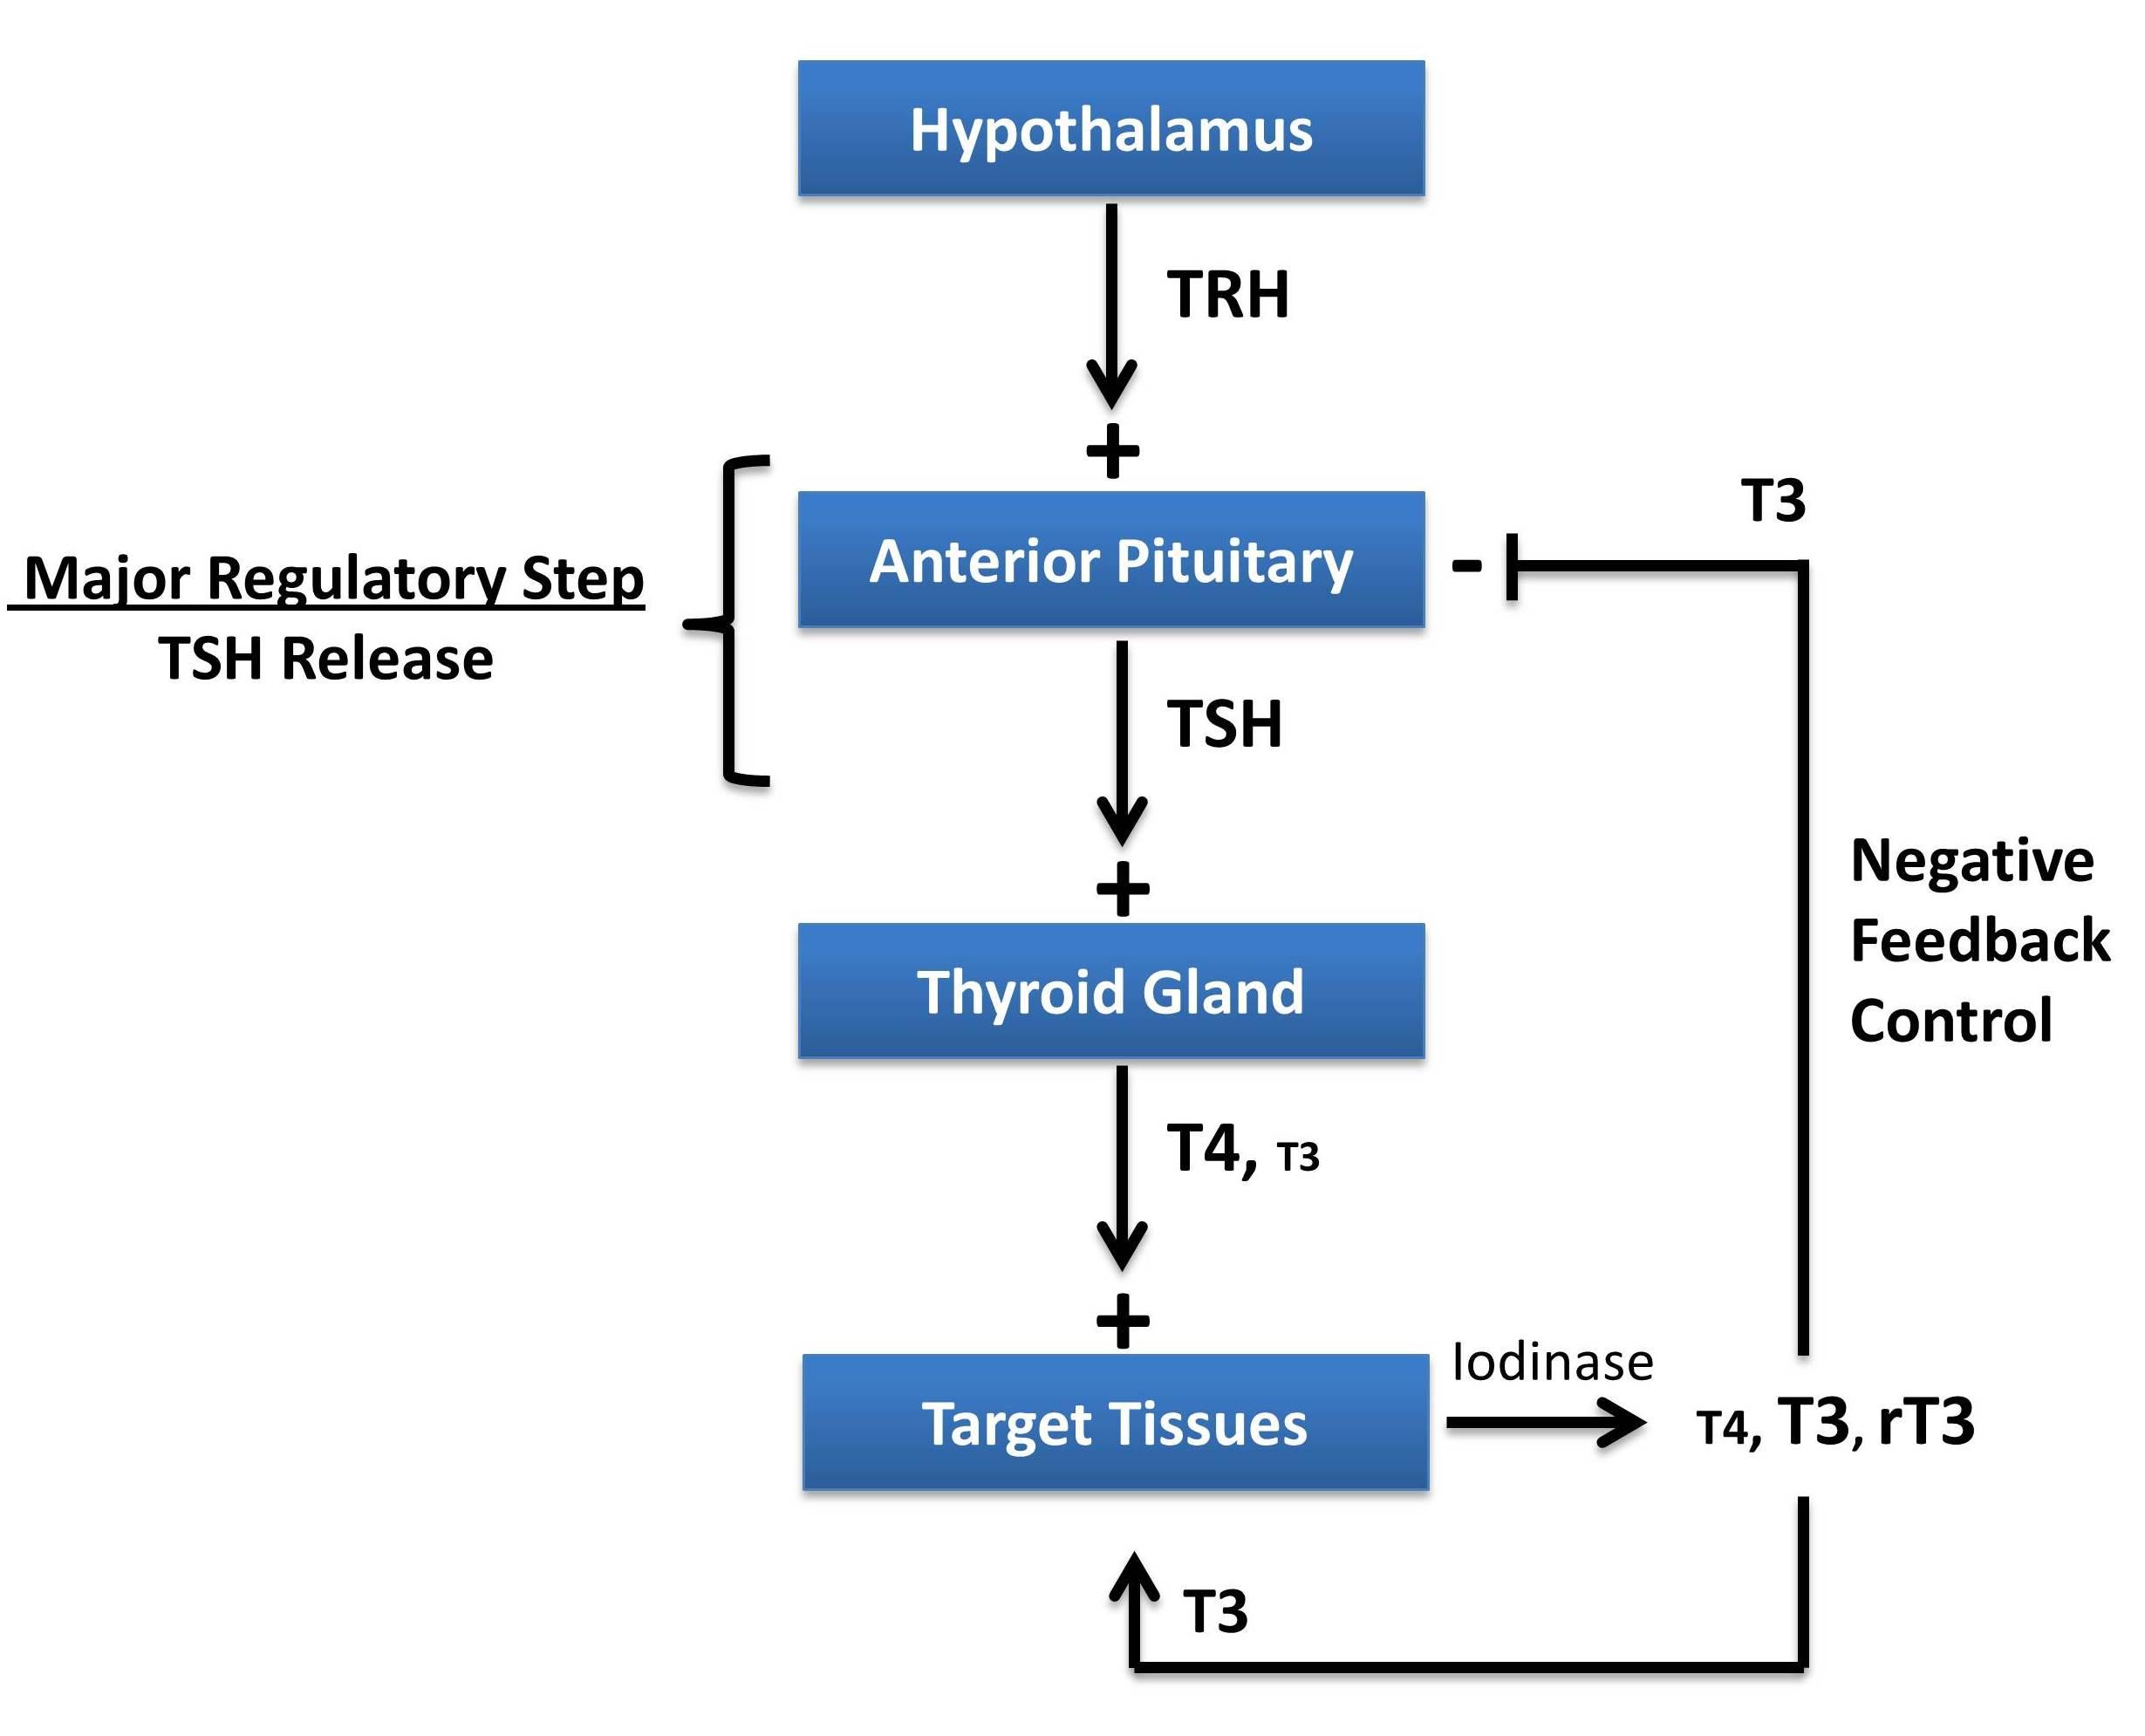 http://www.pathwaymedicine.org/thyroid-hormone-regulation